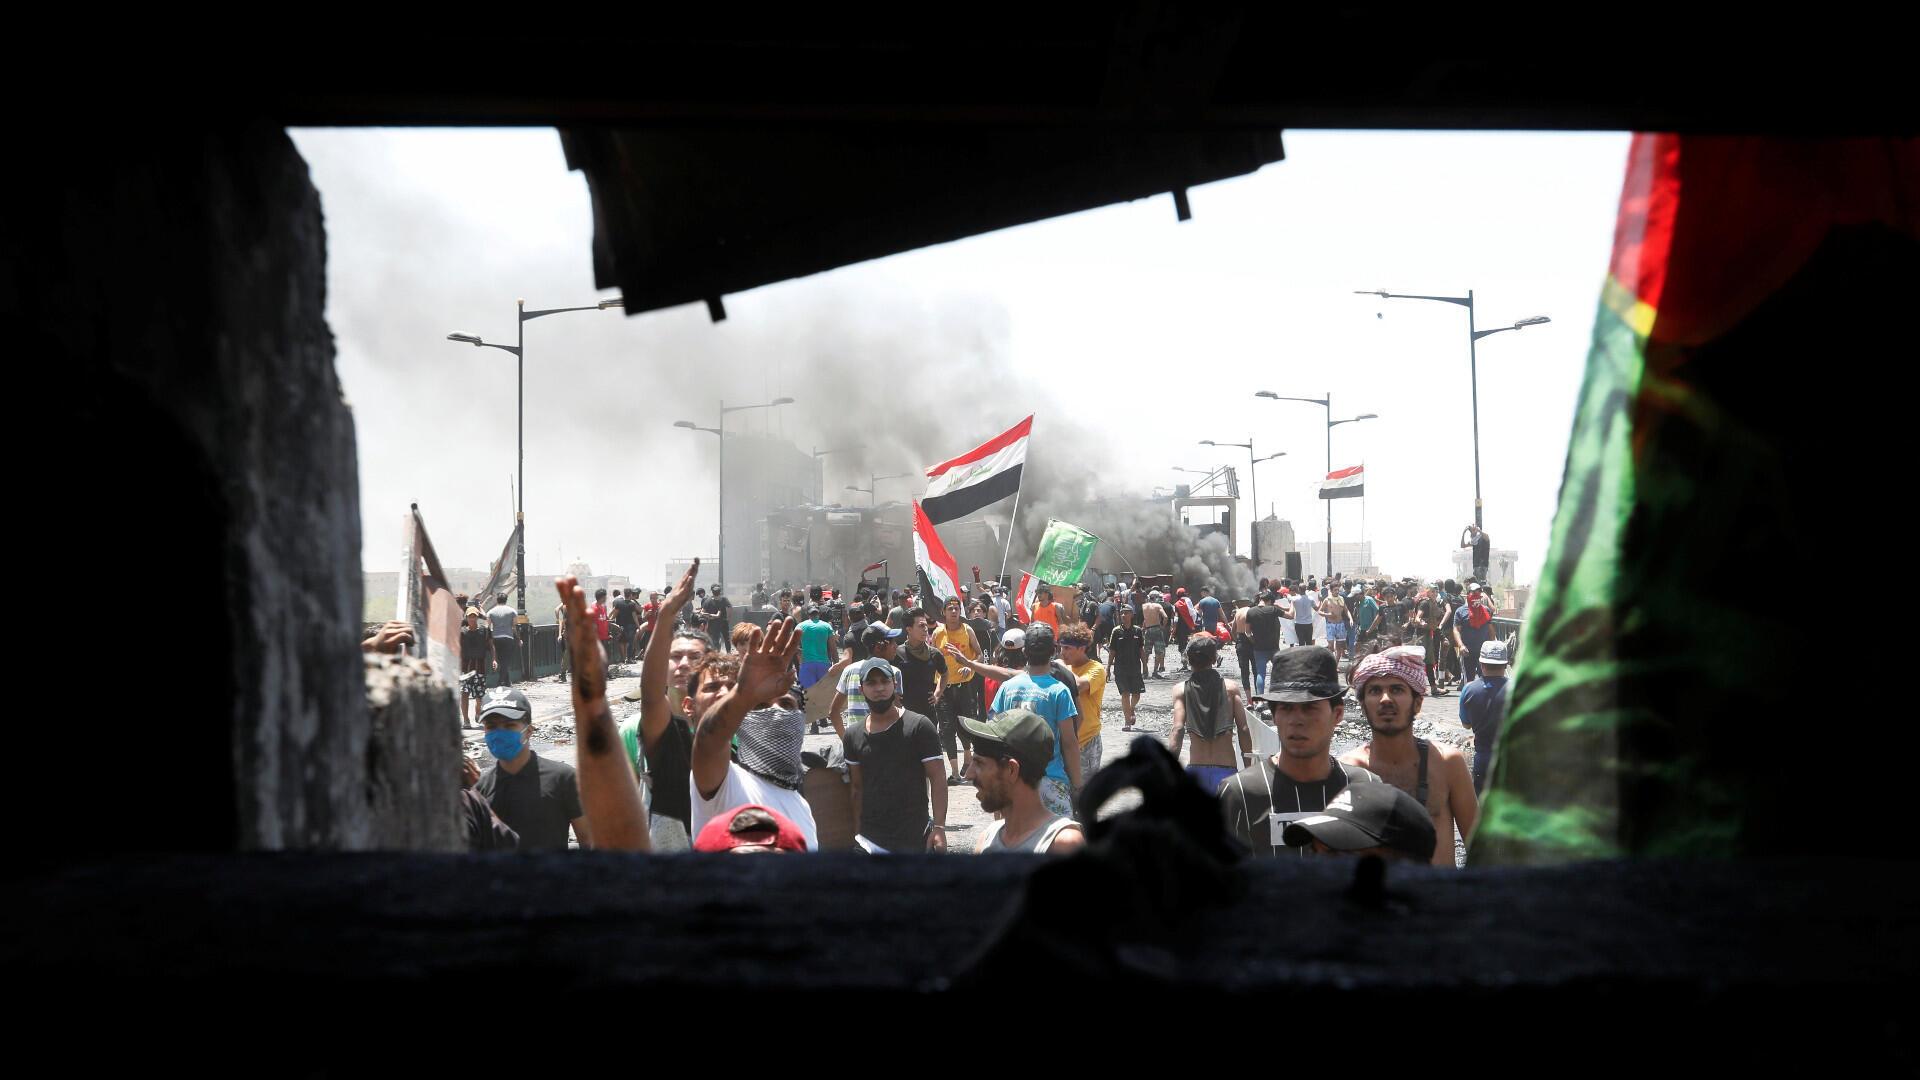 Los manifestantes hacen un gesto mientras participan en las protestas contra el gobierno en curso después de que el recién nombrado primer ministro iraquí Mustafa al-Kadhimi pidiera la liberación de todos los manifestantes desatinados, en el puente Jumhuriya en Bagdad, Iraq, 10 de mayo de 2020.